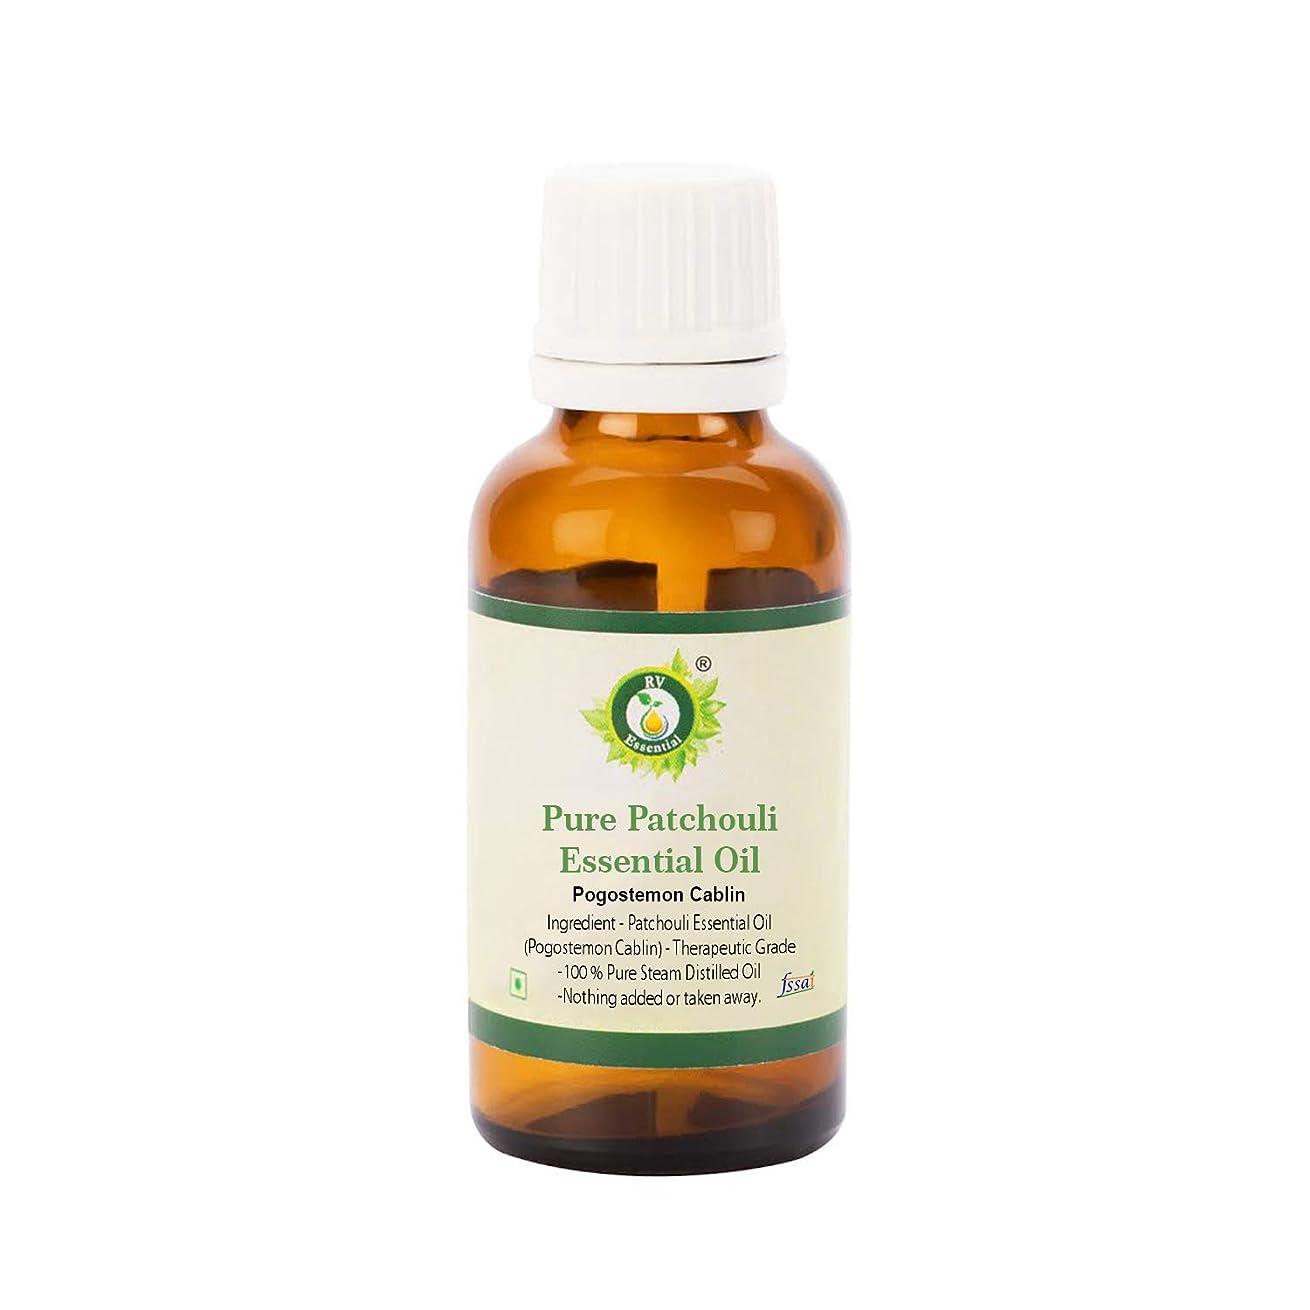 スチュワーデス偶然撤退R V Essential ピュアパチュリーエッセンシャルオイル30ml (1.01oz)- Pogostemon Cablin (100%純粋&天然スチームDistilled) Pure Patchouli Essential Oil